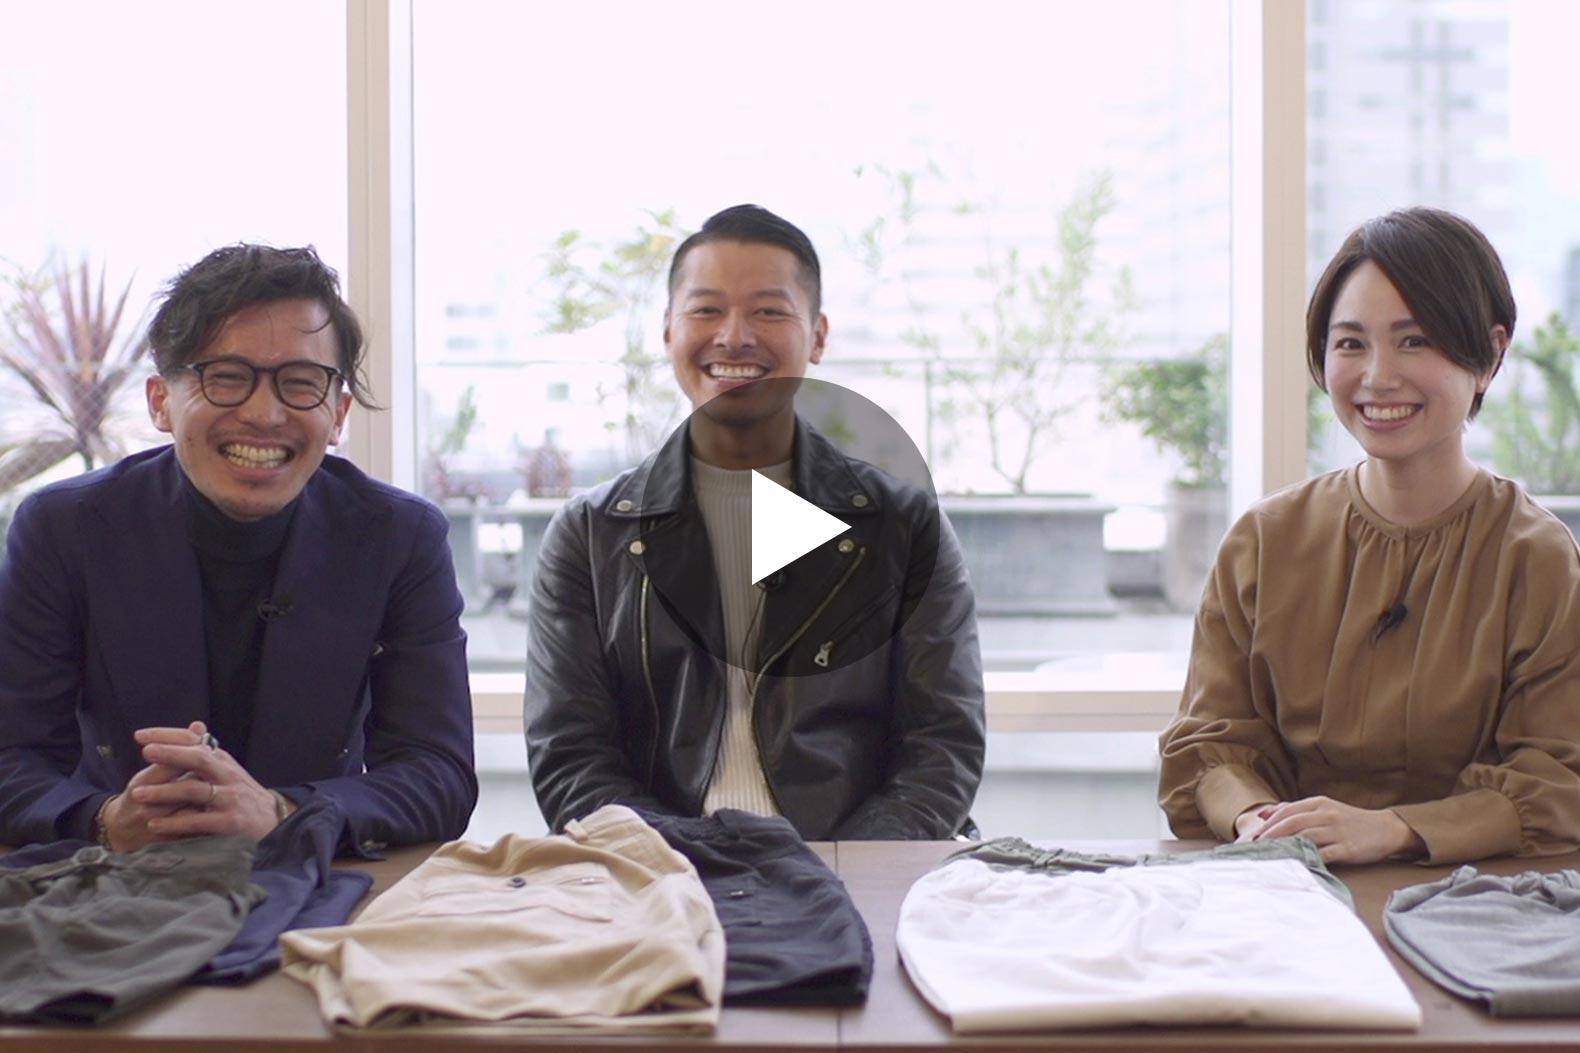 インスタの高感度が上がるファッション特別授業! 周りと差がつく上級テク